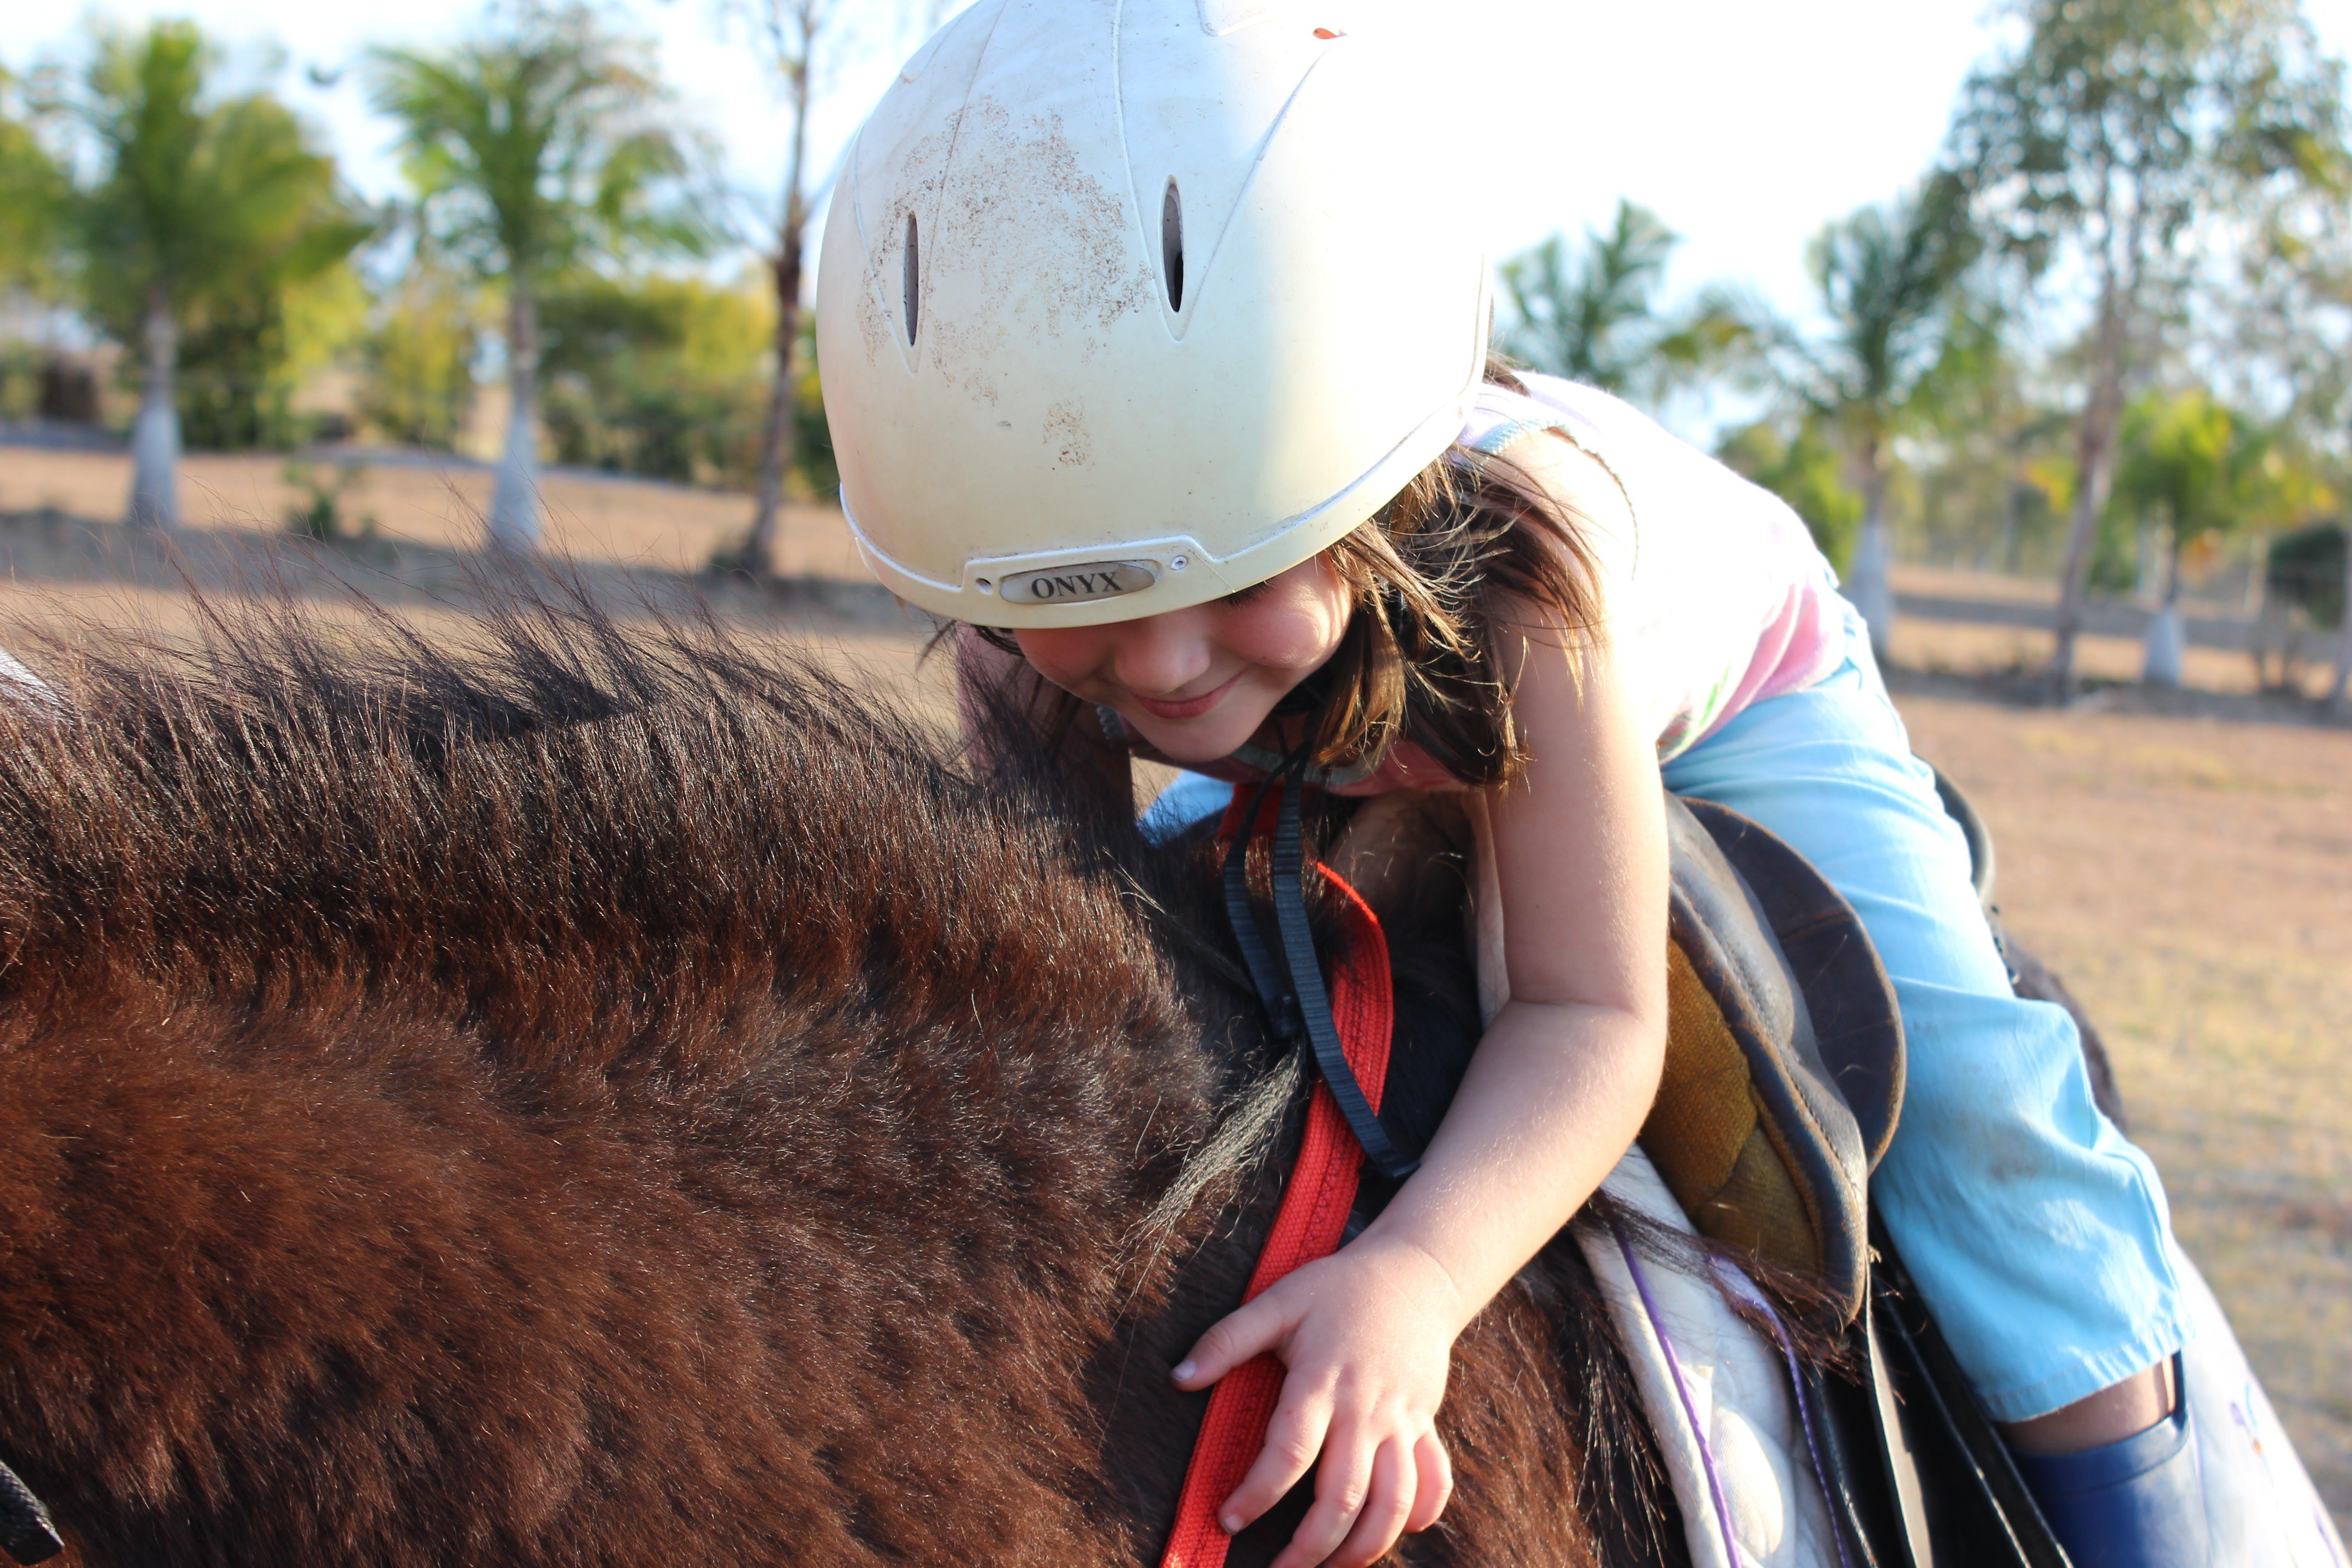 về Chân dung, con gái, cưỡi ngựa, dễ thương